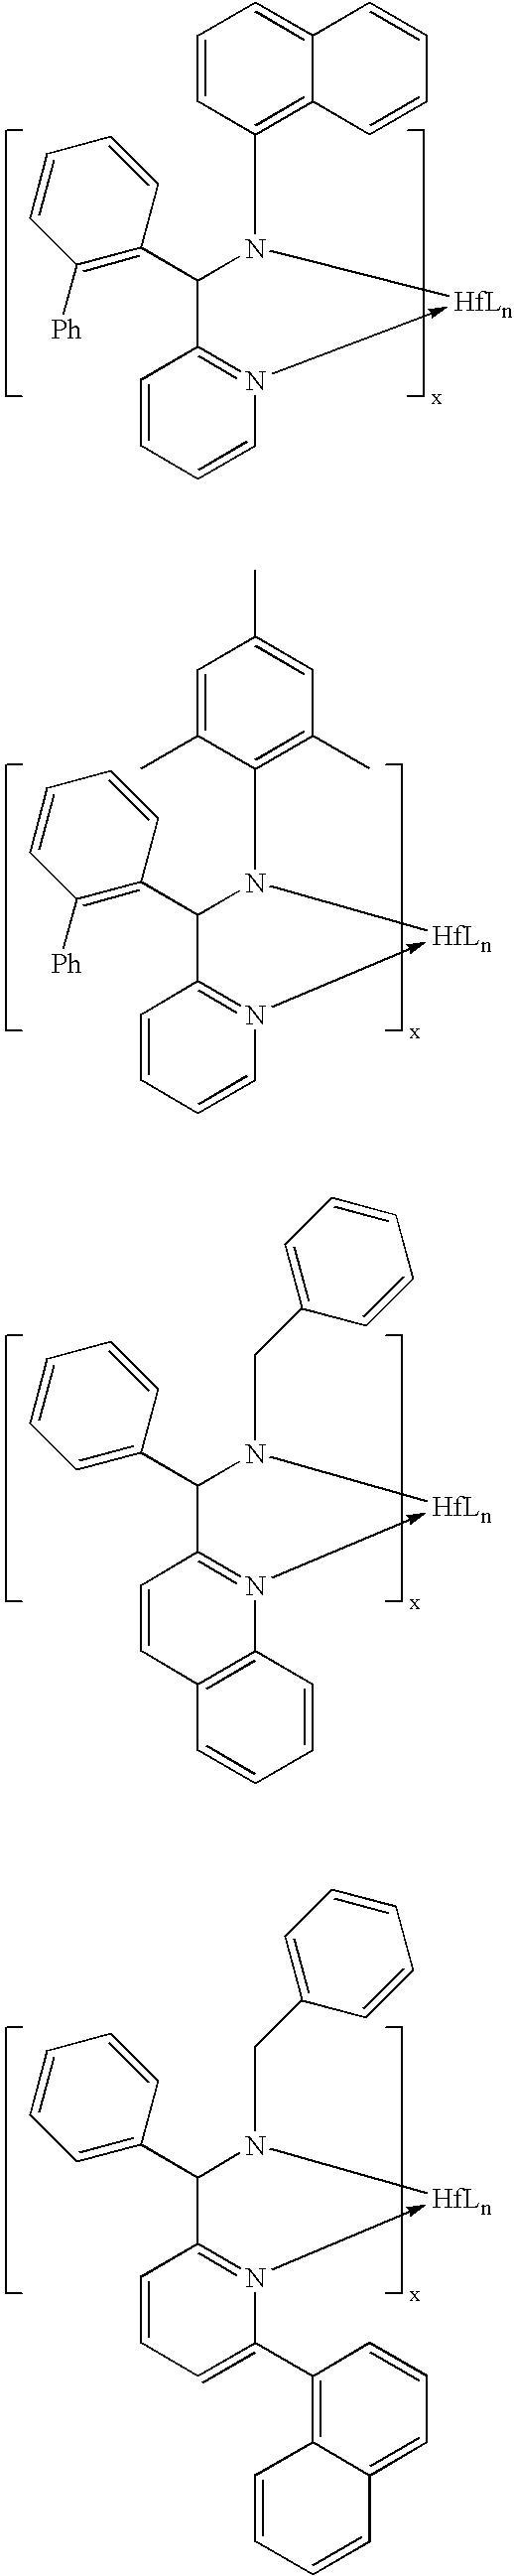 Figure US20050245686A1-20051103-C00015